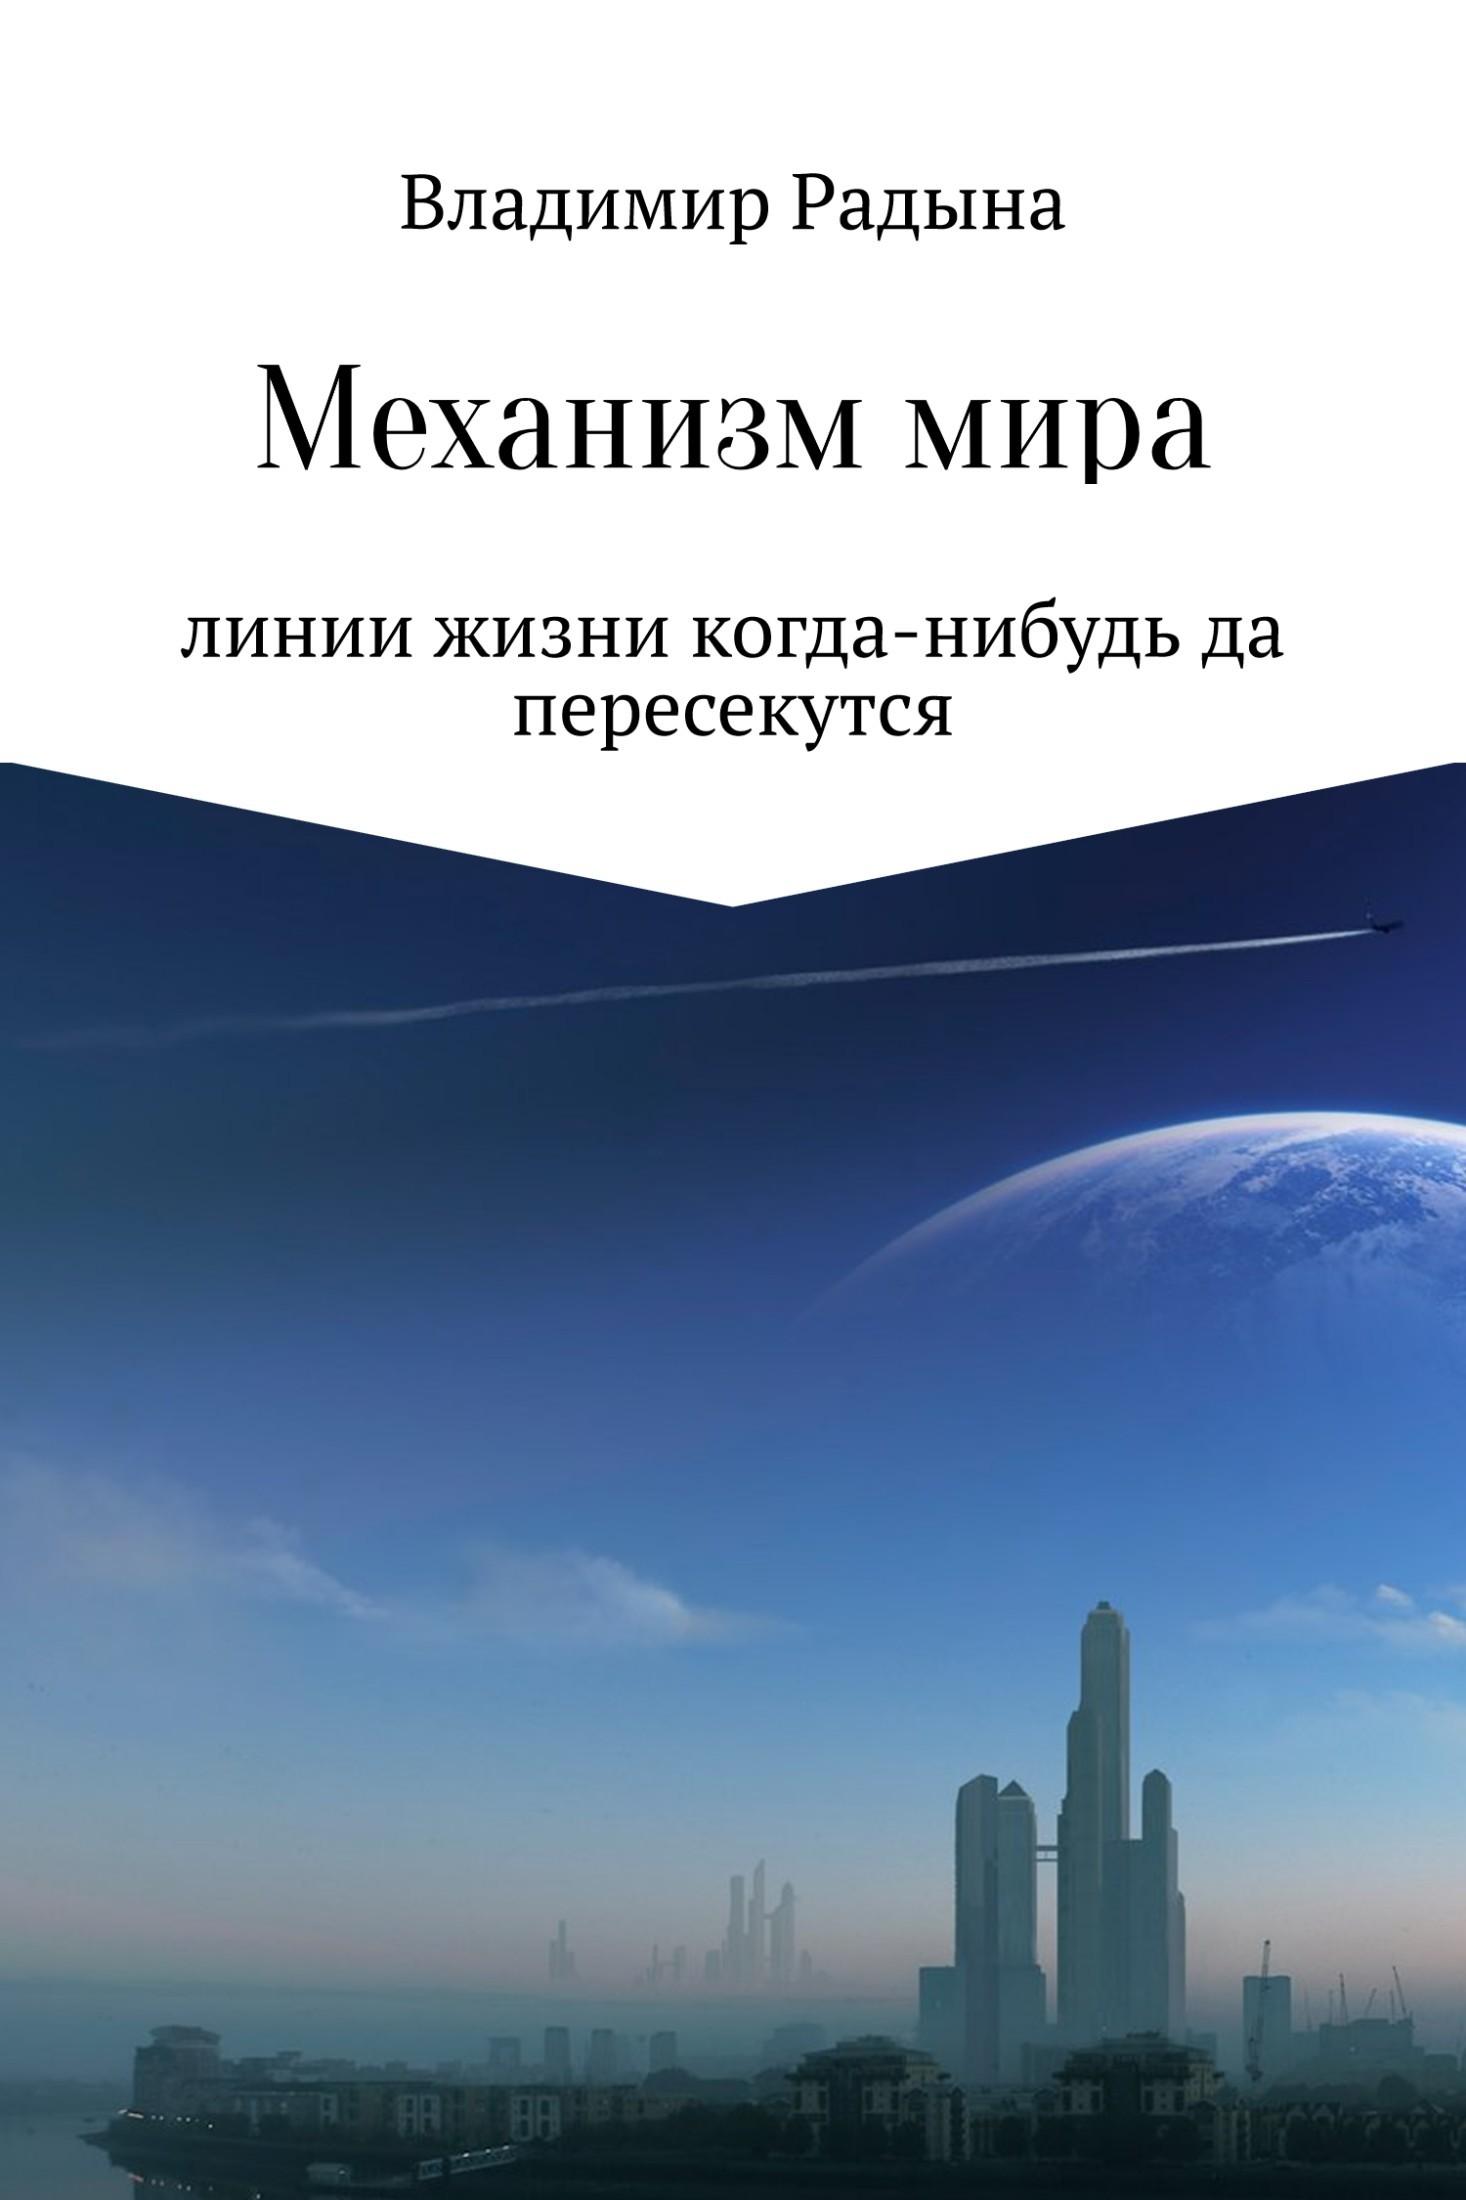 Владимир Николаевич Радына. Механизм мира